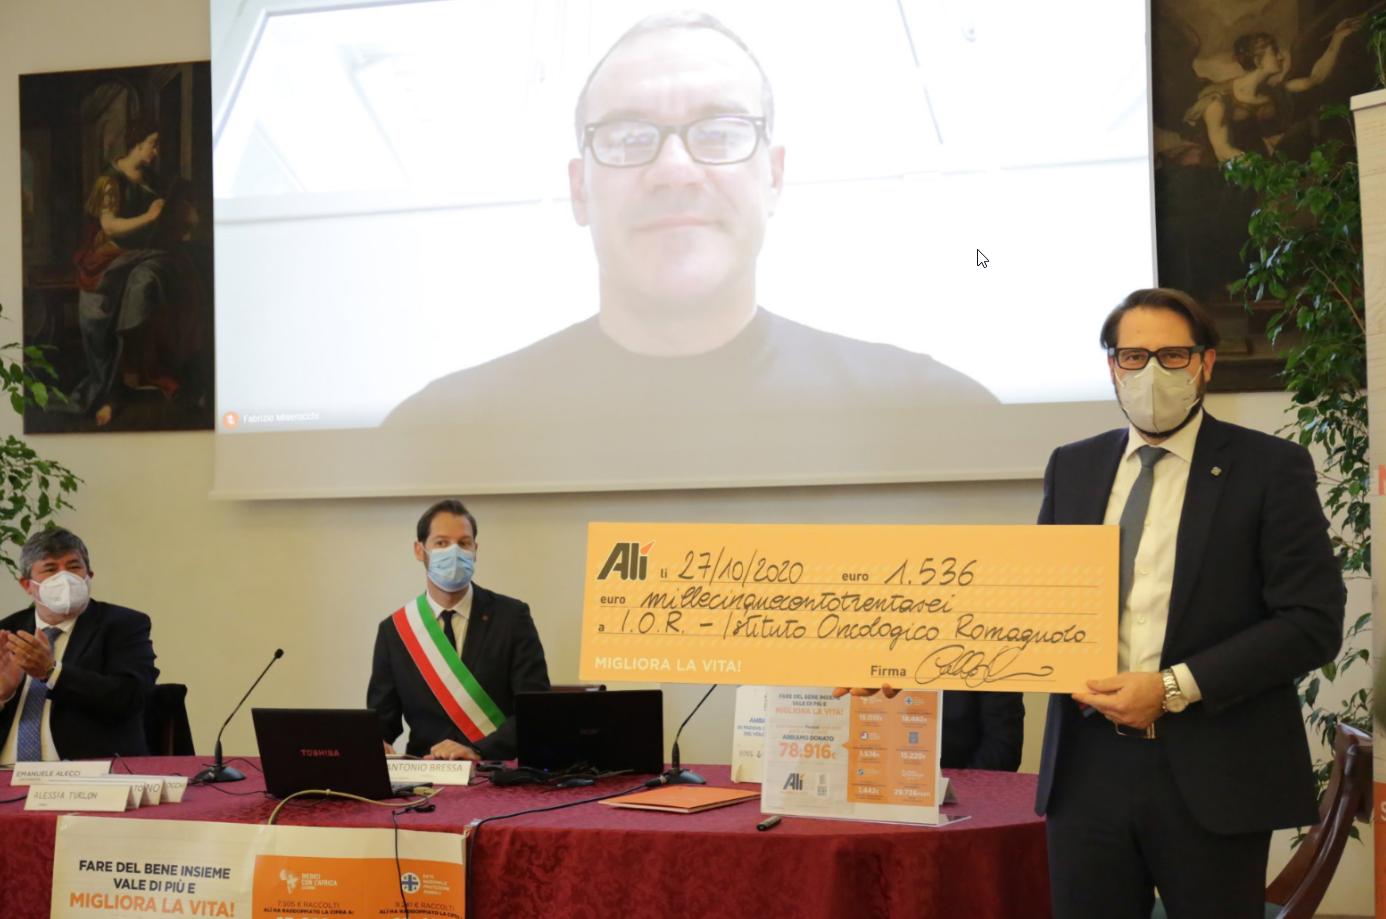 IOR - Istituto Oncologico Romagnolo